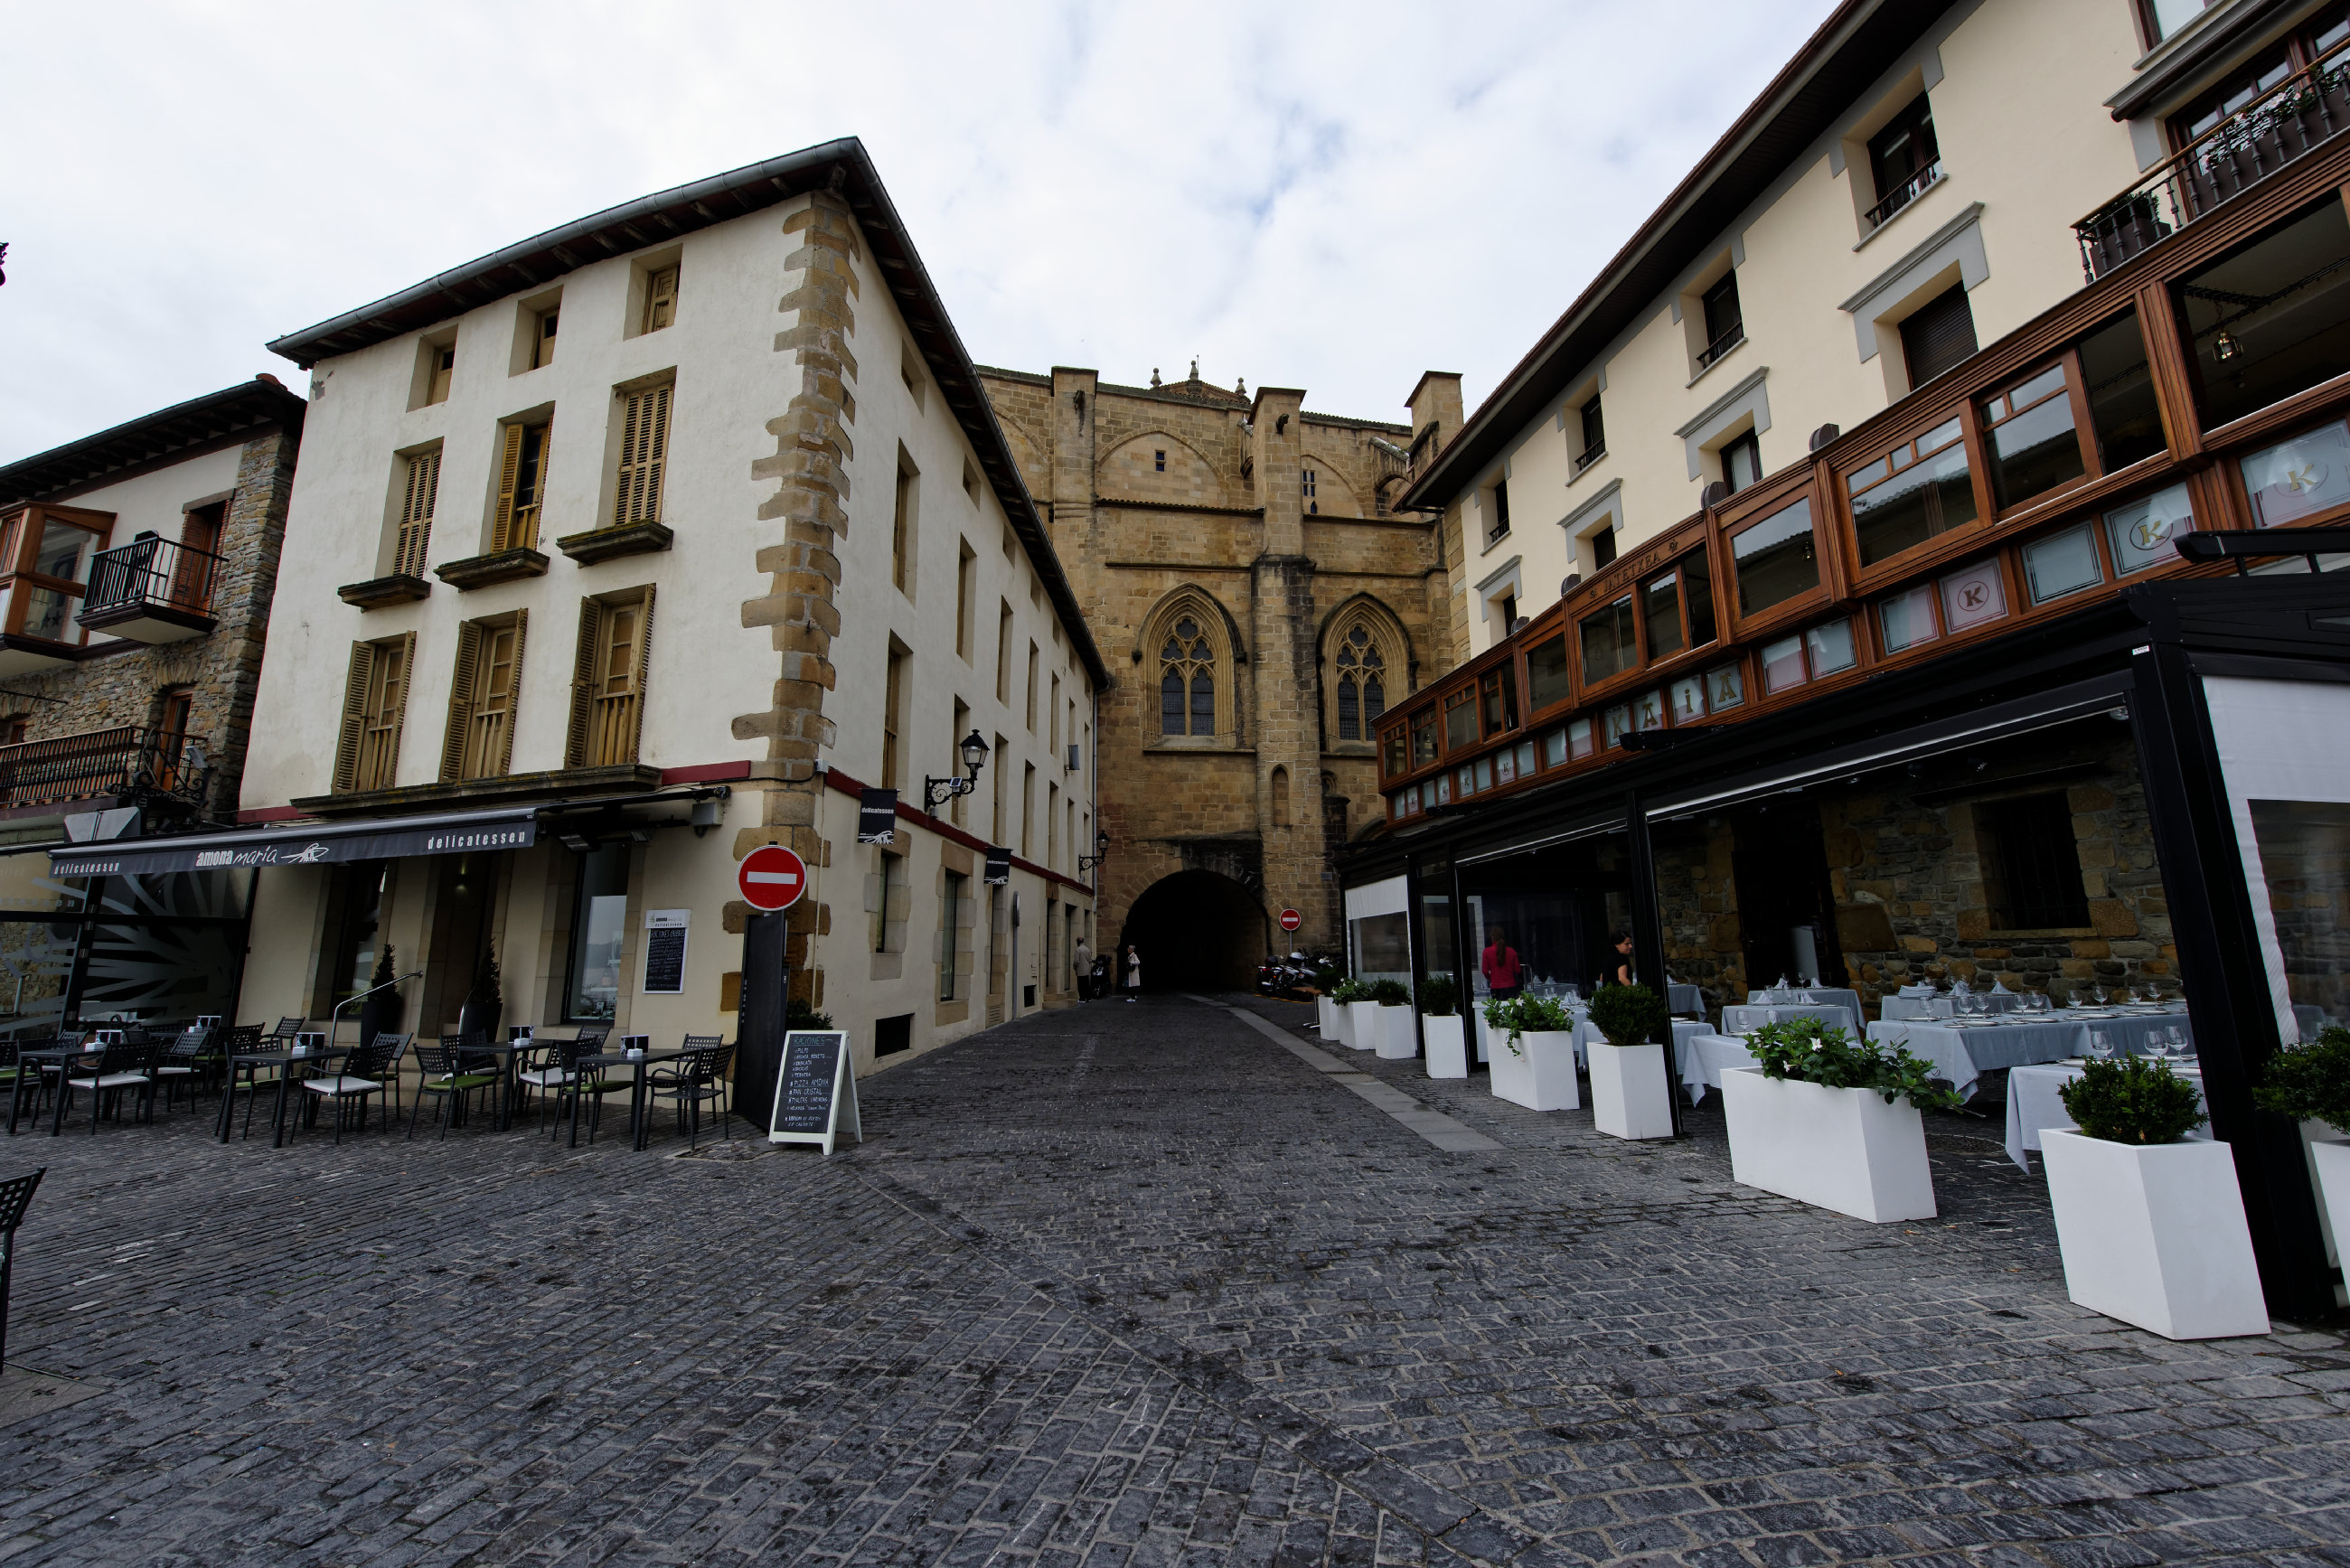 Getaria (Pays basque espagnol (29)